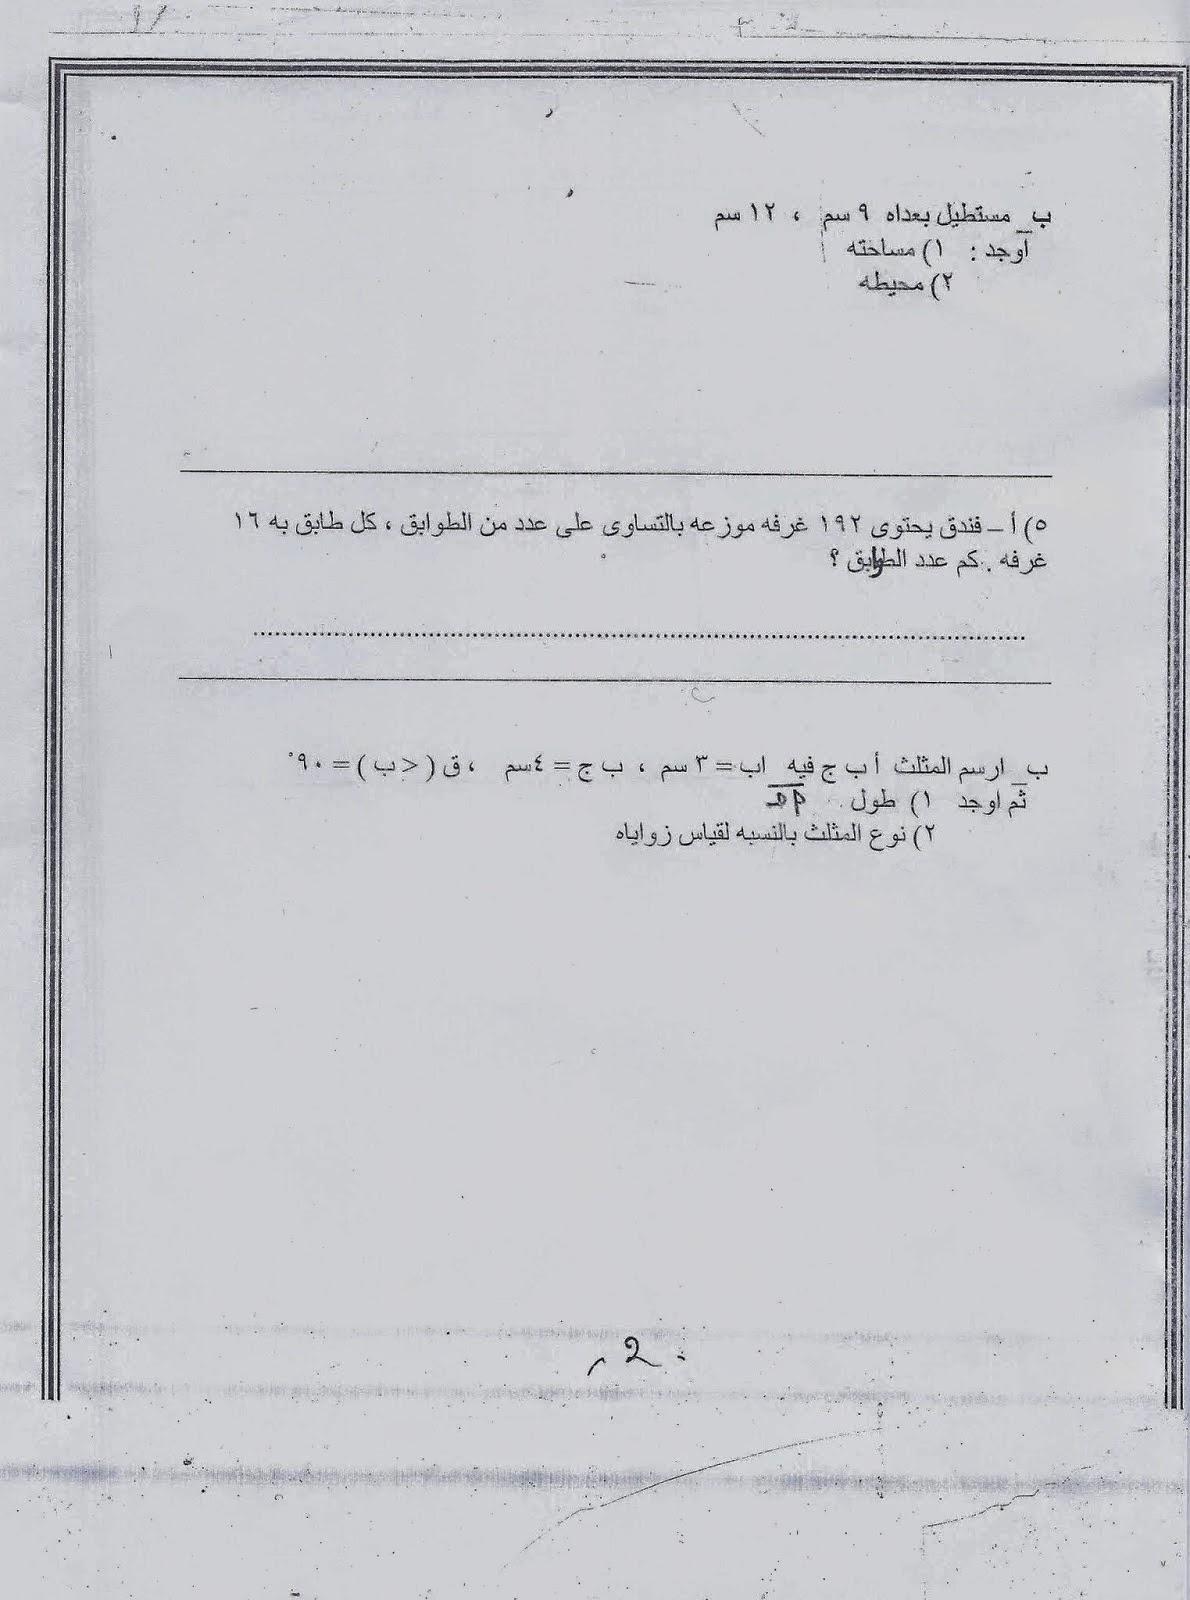 امتحانات كل مواد الصف الرابع الابتدائي الترم الأول 2015 مدارس مصر حكومى و لغات scan0089.jpg